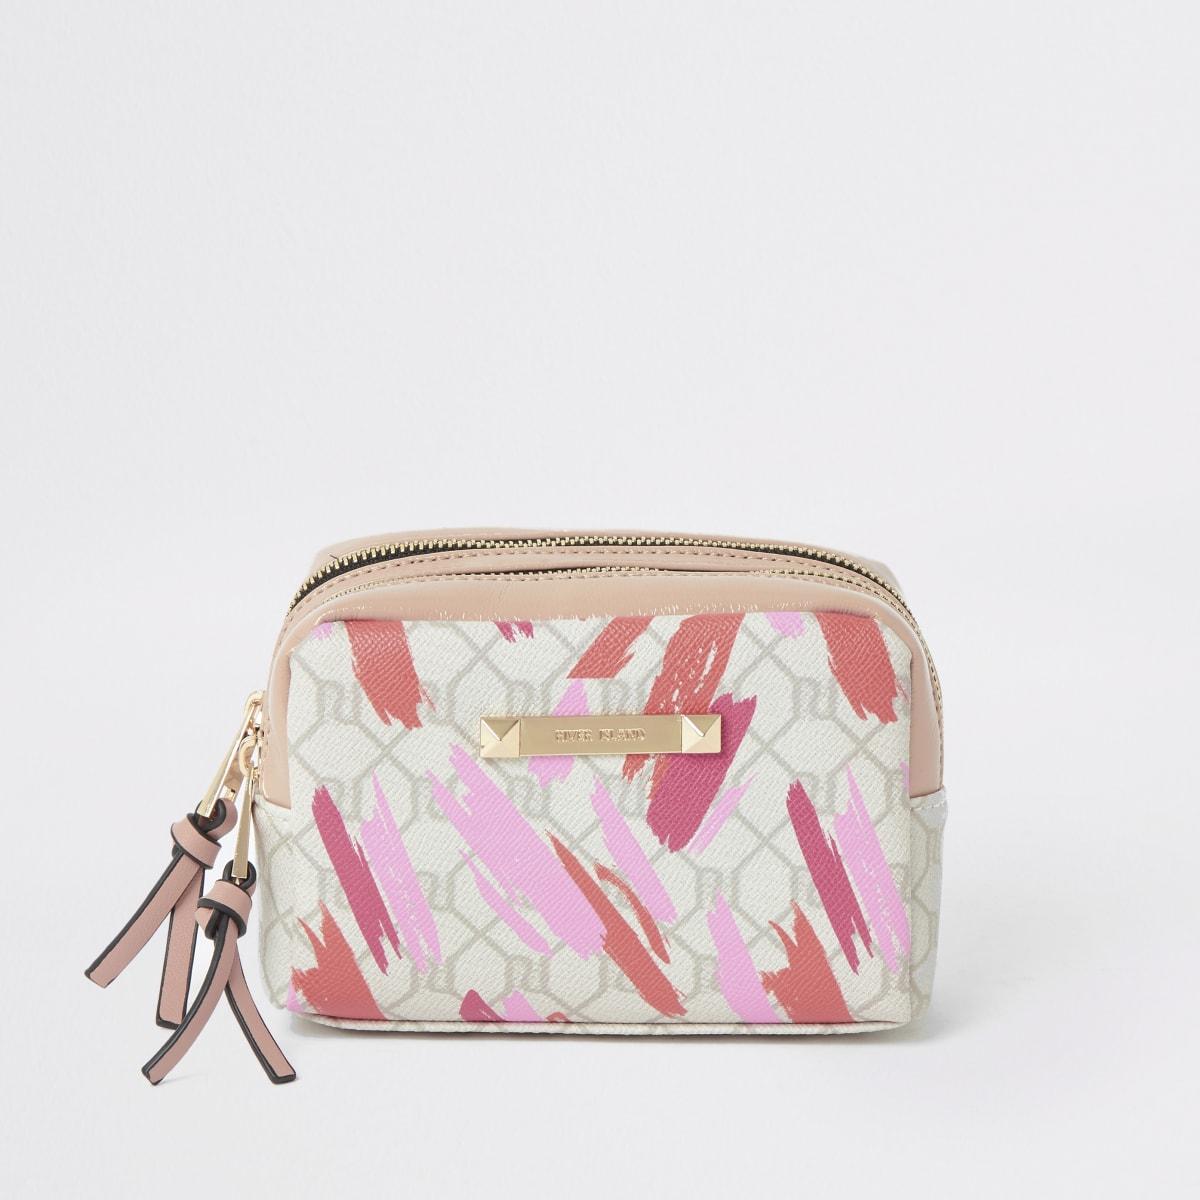 Light pink RI monogram lipstick makeup bag